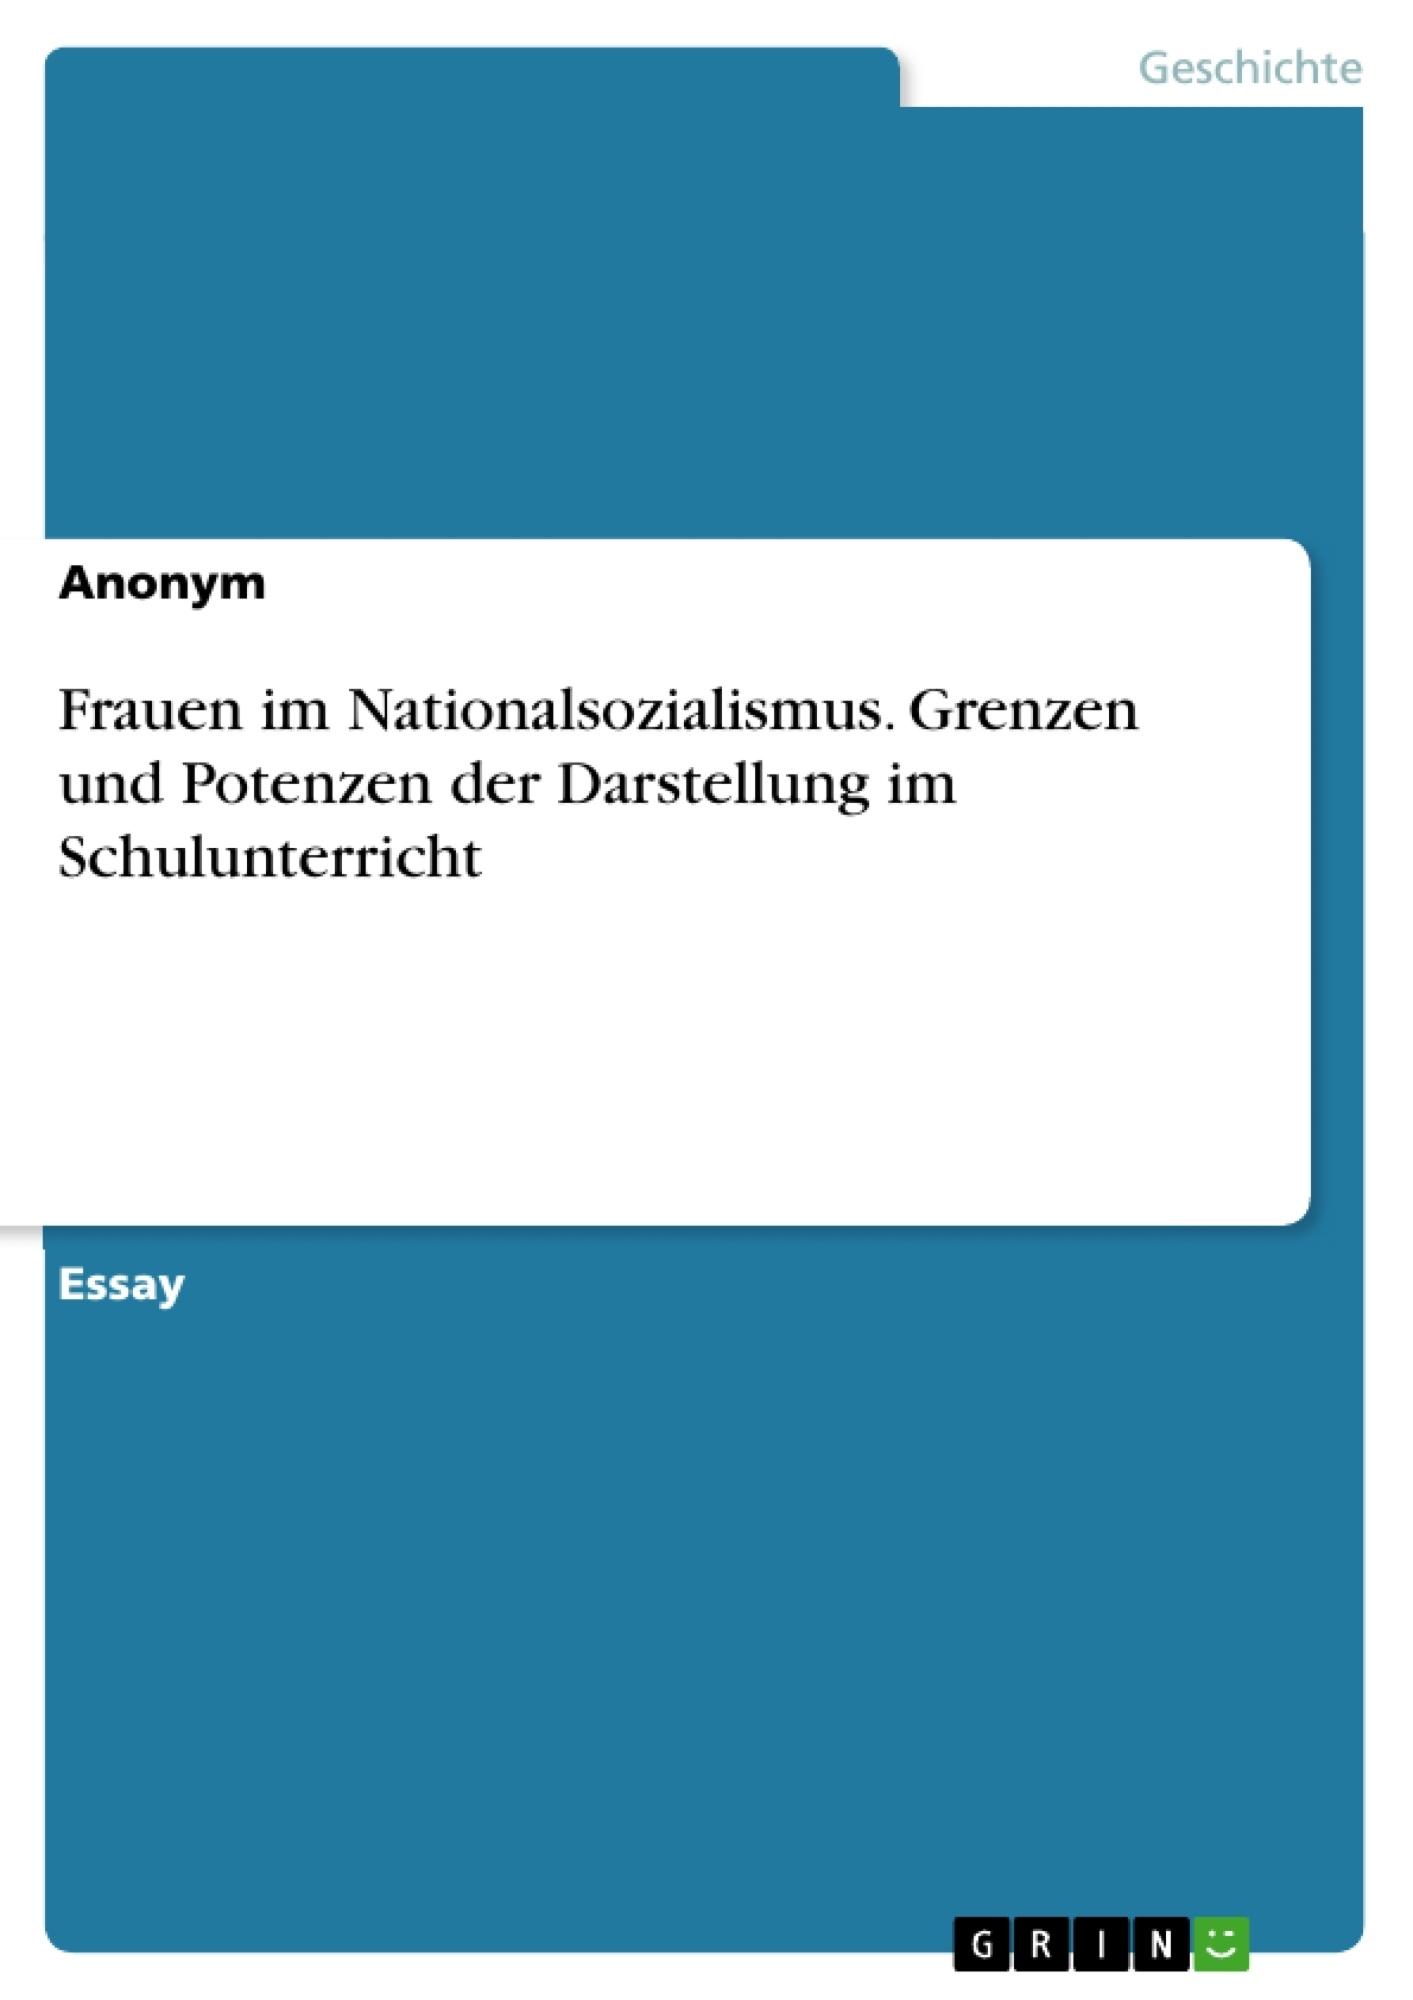 Titel: Frauen im Nationalsozialismus. Grenzen und Potenzen der Darstellung im Schulunterricht